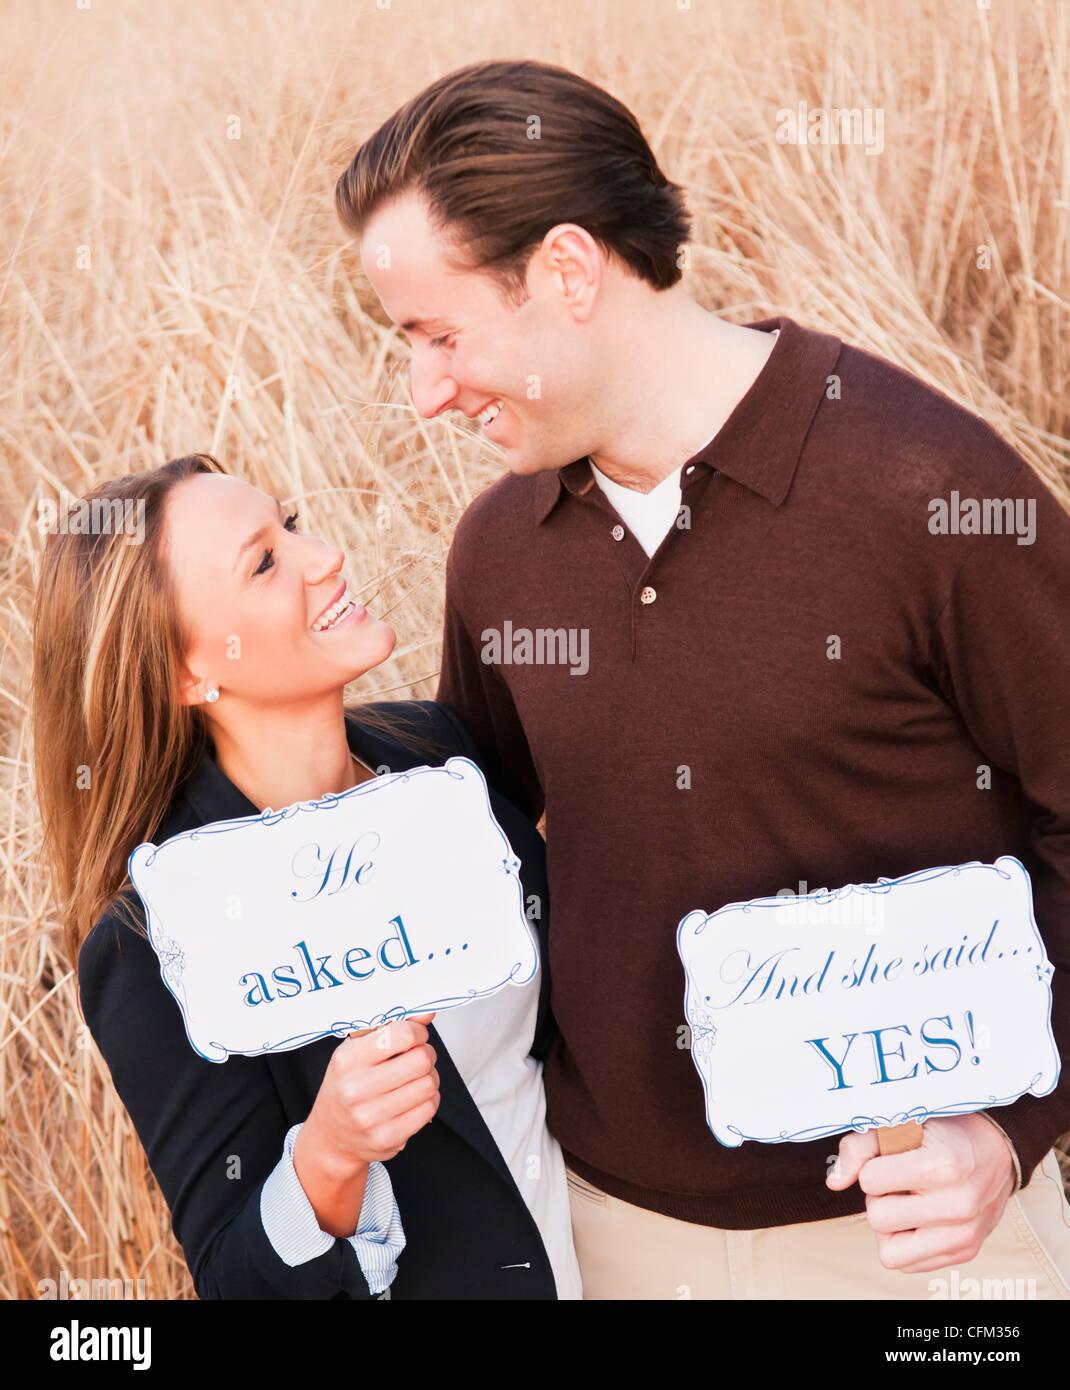 Stati Uniti d'America, New York, città di Long Island, coppia giovane flirtare sul campo di grano Immagini Stock